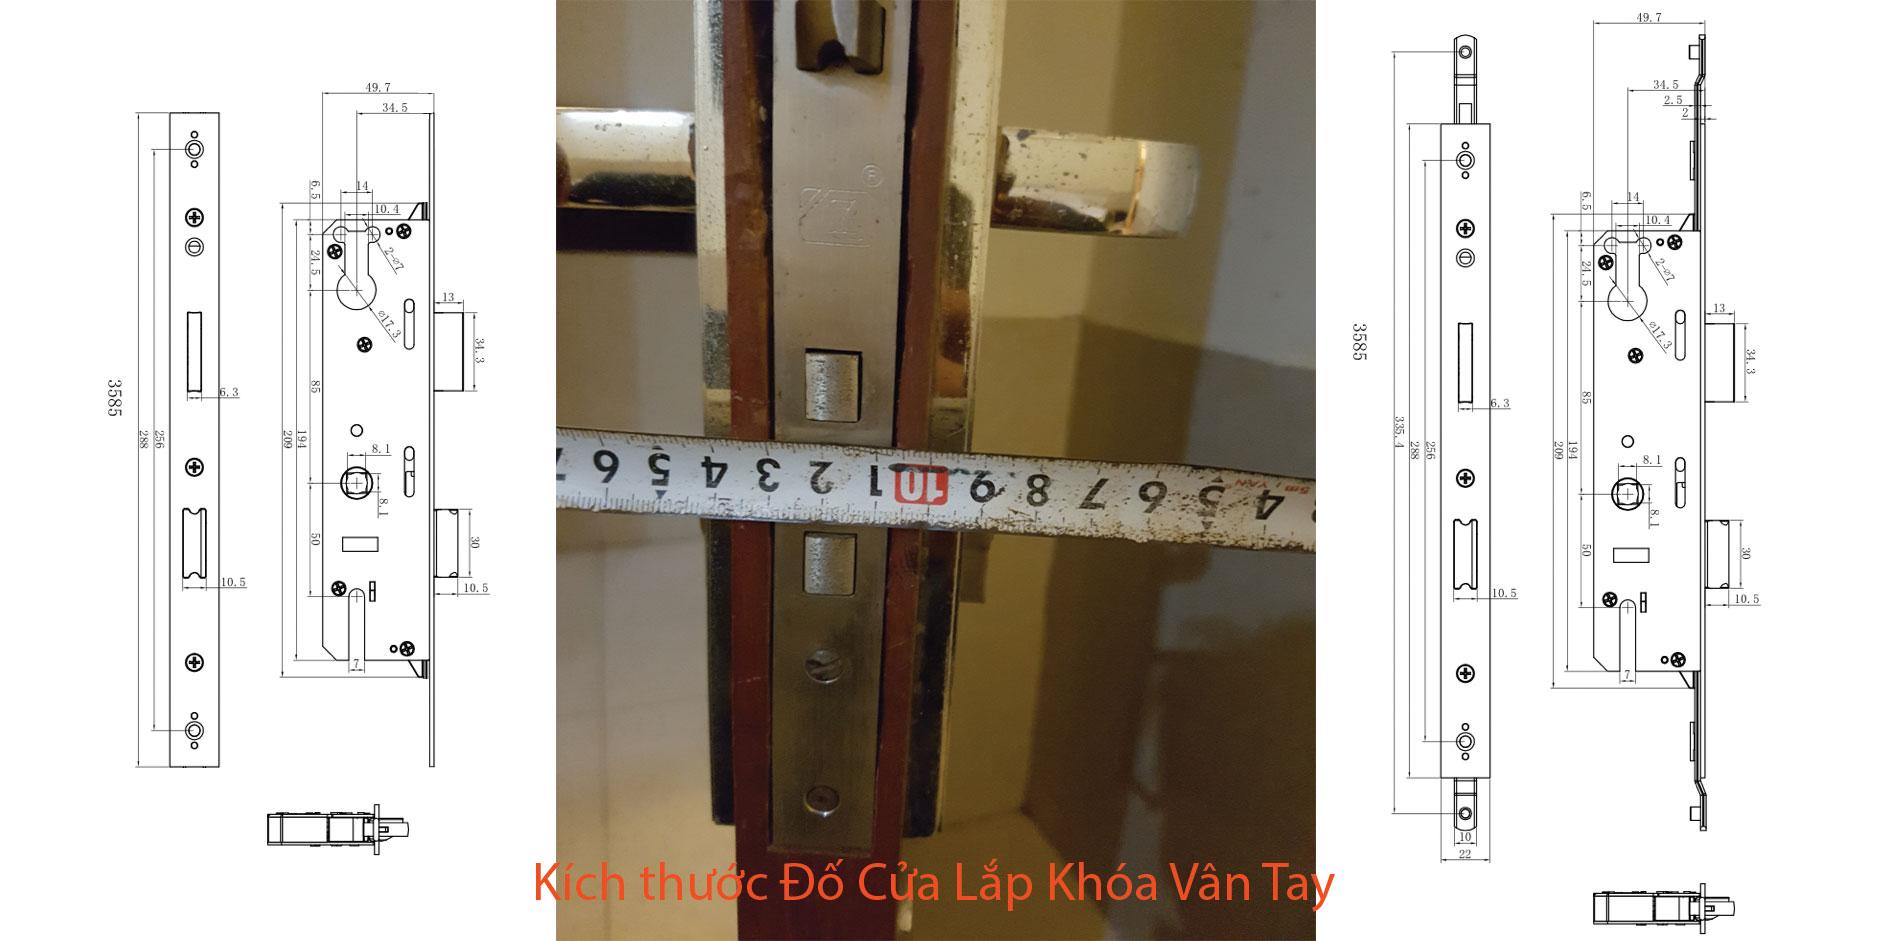 Khóa Cửa Thông Minh: Smart Lock Báo Động Mở Cửa Qua lắp đặt khóa cửa thẻ từ khách sạn tại tphcm, lắp khóa cửa điện tử thông minh tại tphcm, khóa cửa thẻ từ tại tphcm, khóa cửa vân tay tphcm, lắp đặt khóa vân tay